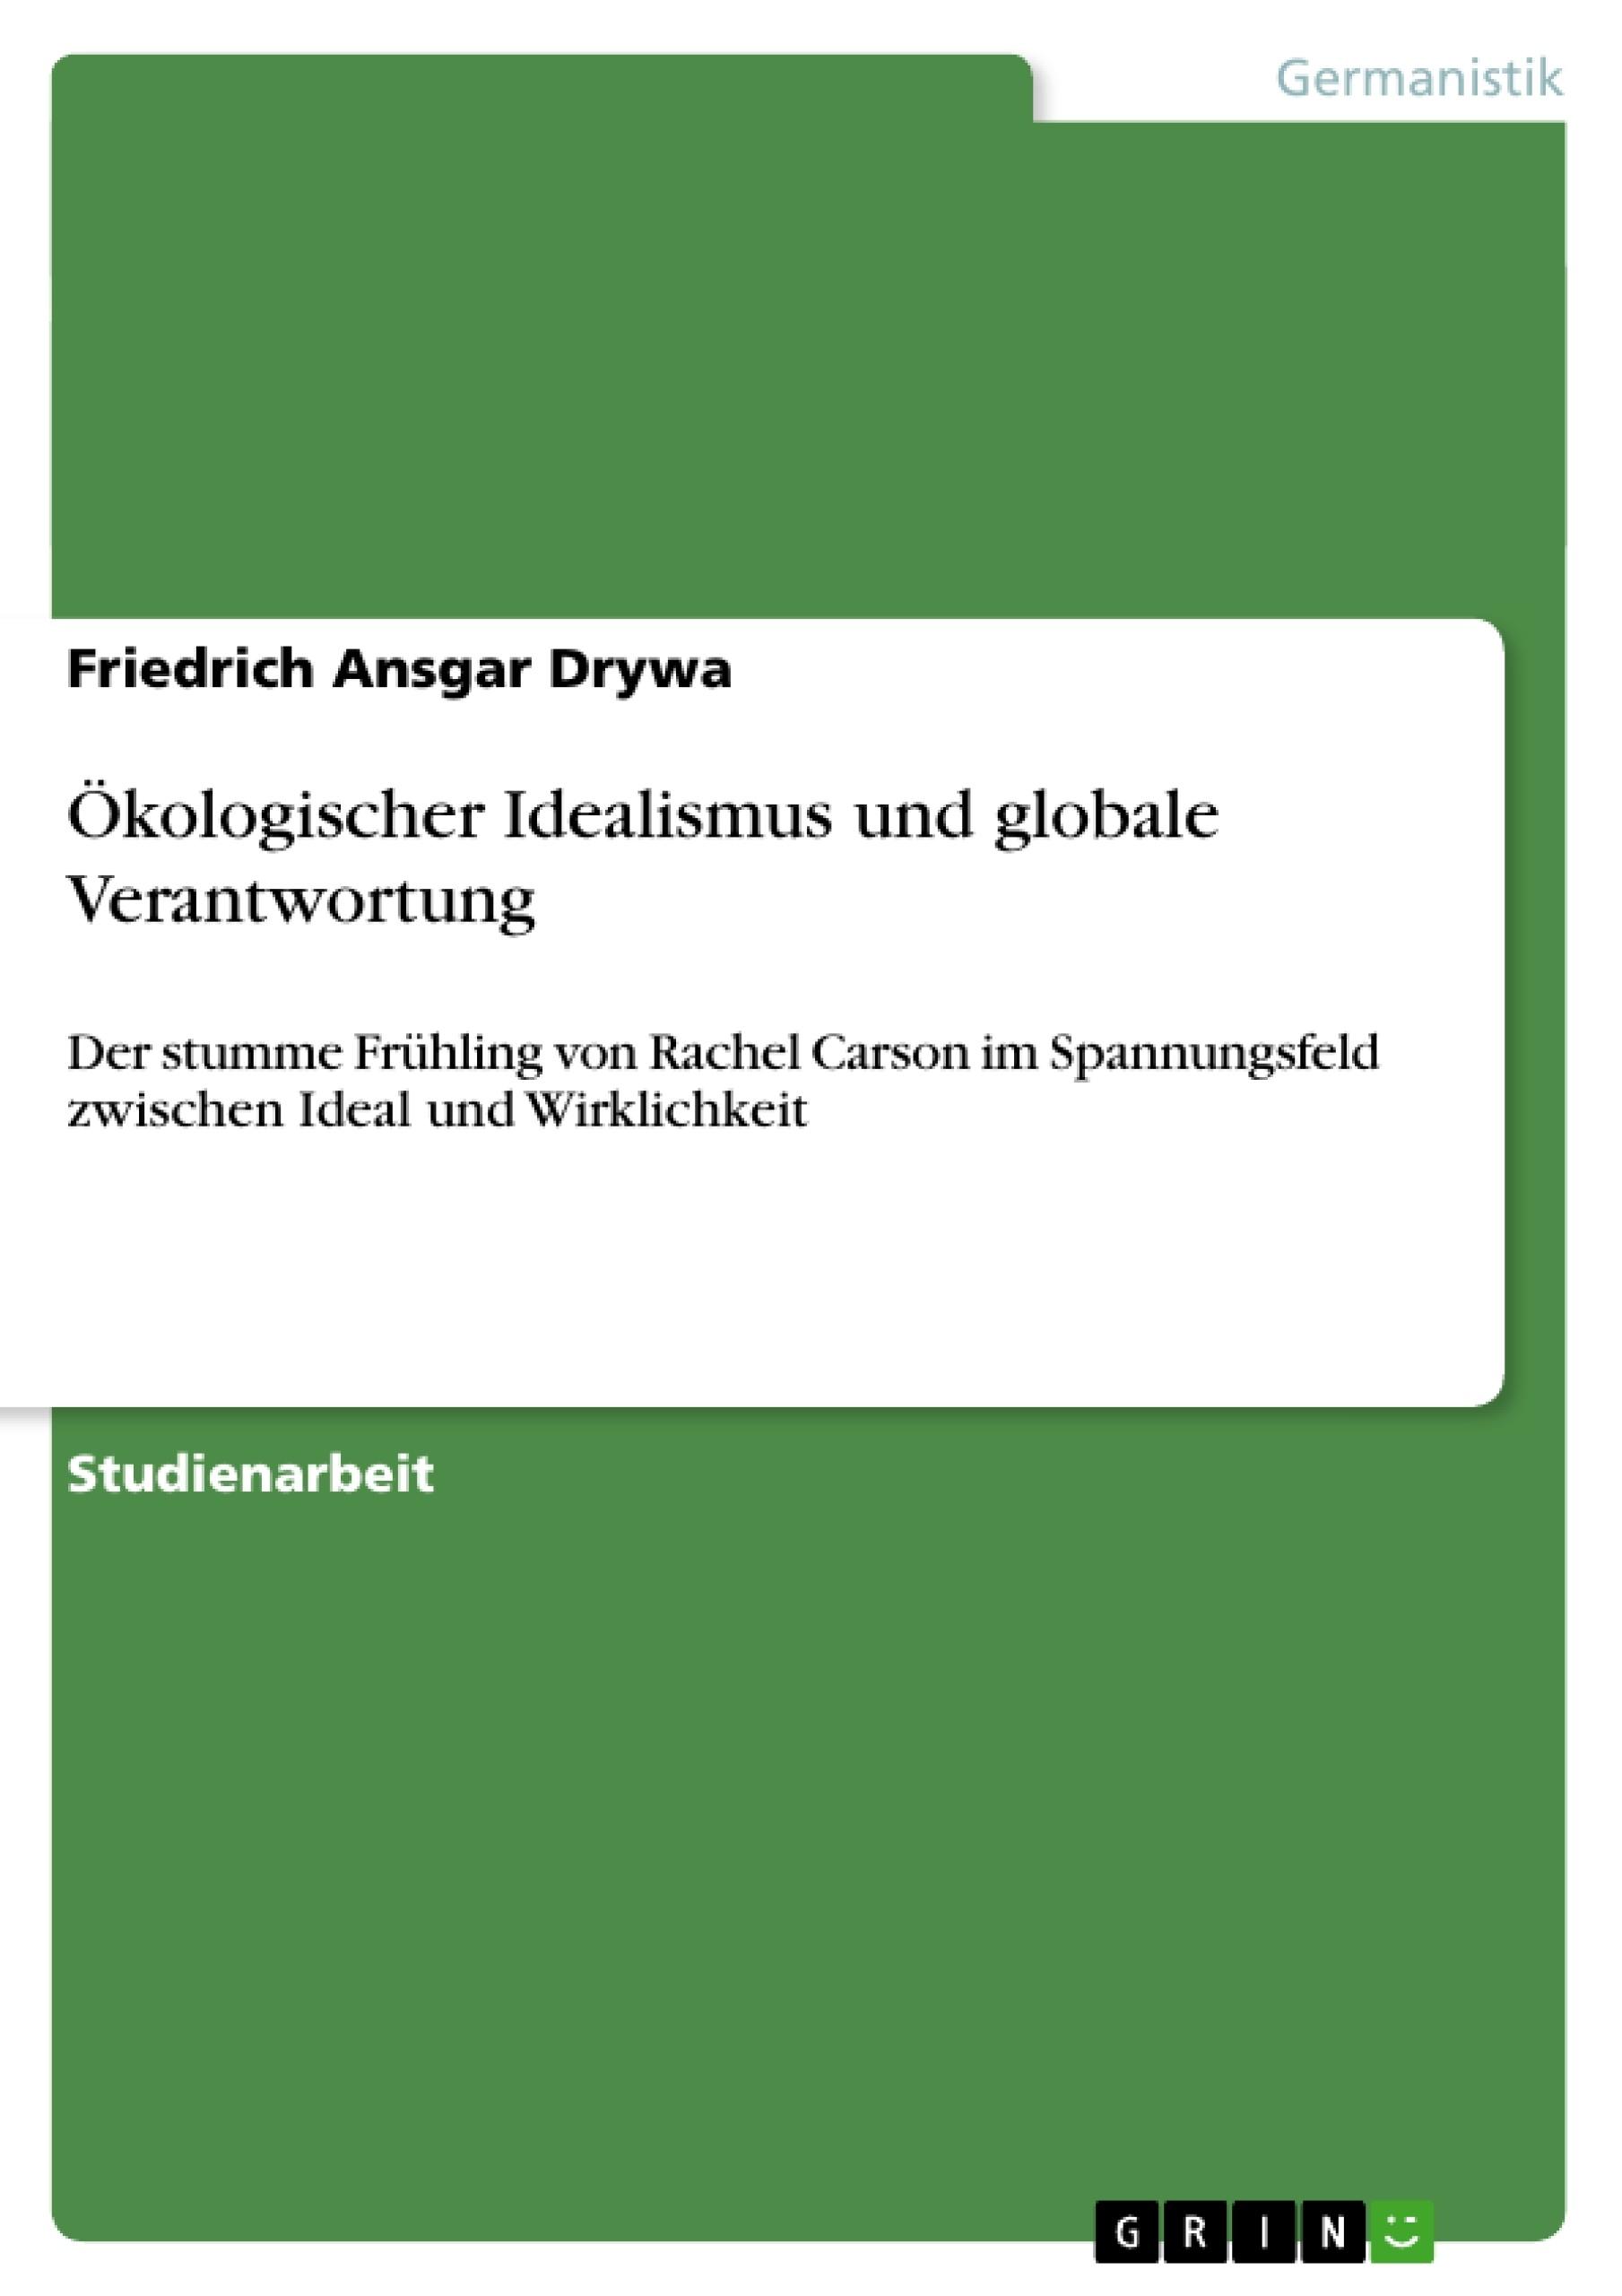 Titel: Ökologischer Idealismus und globale Verantwortung